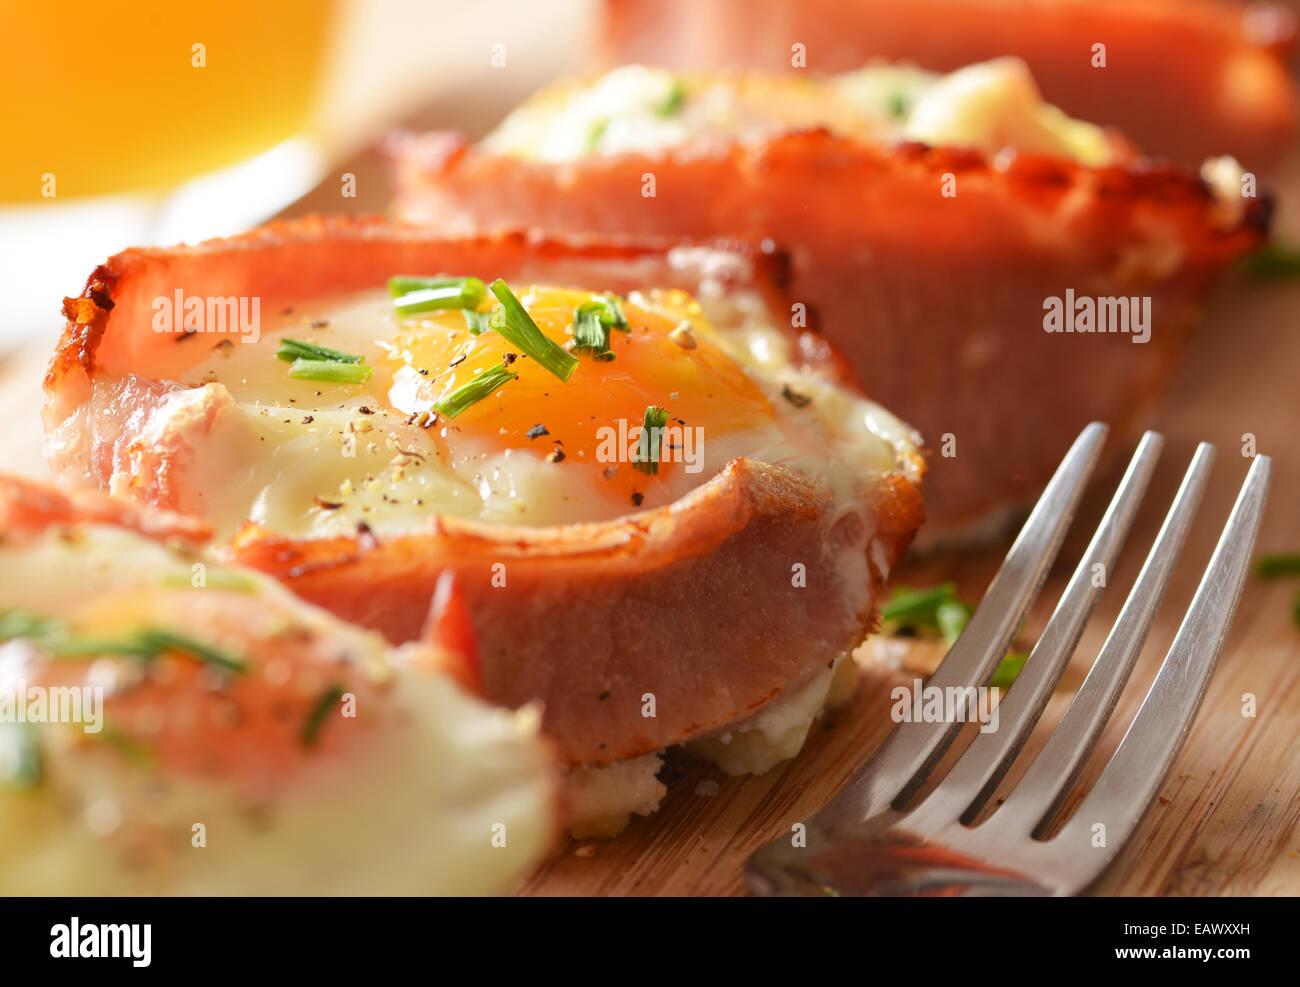 Huevos y bacon cupcakes servido y listo para comer. Imagen De Stock